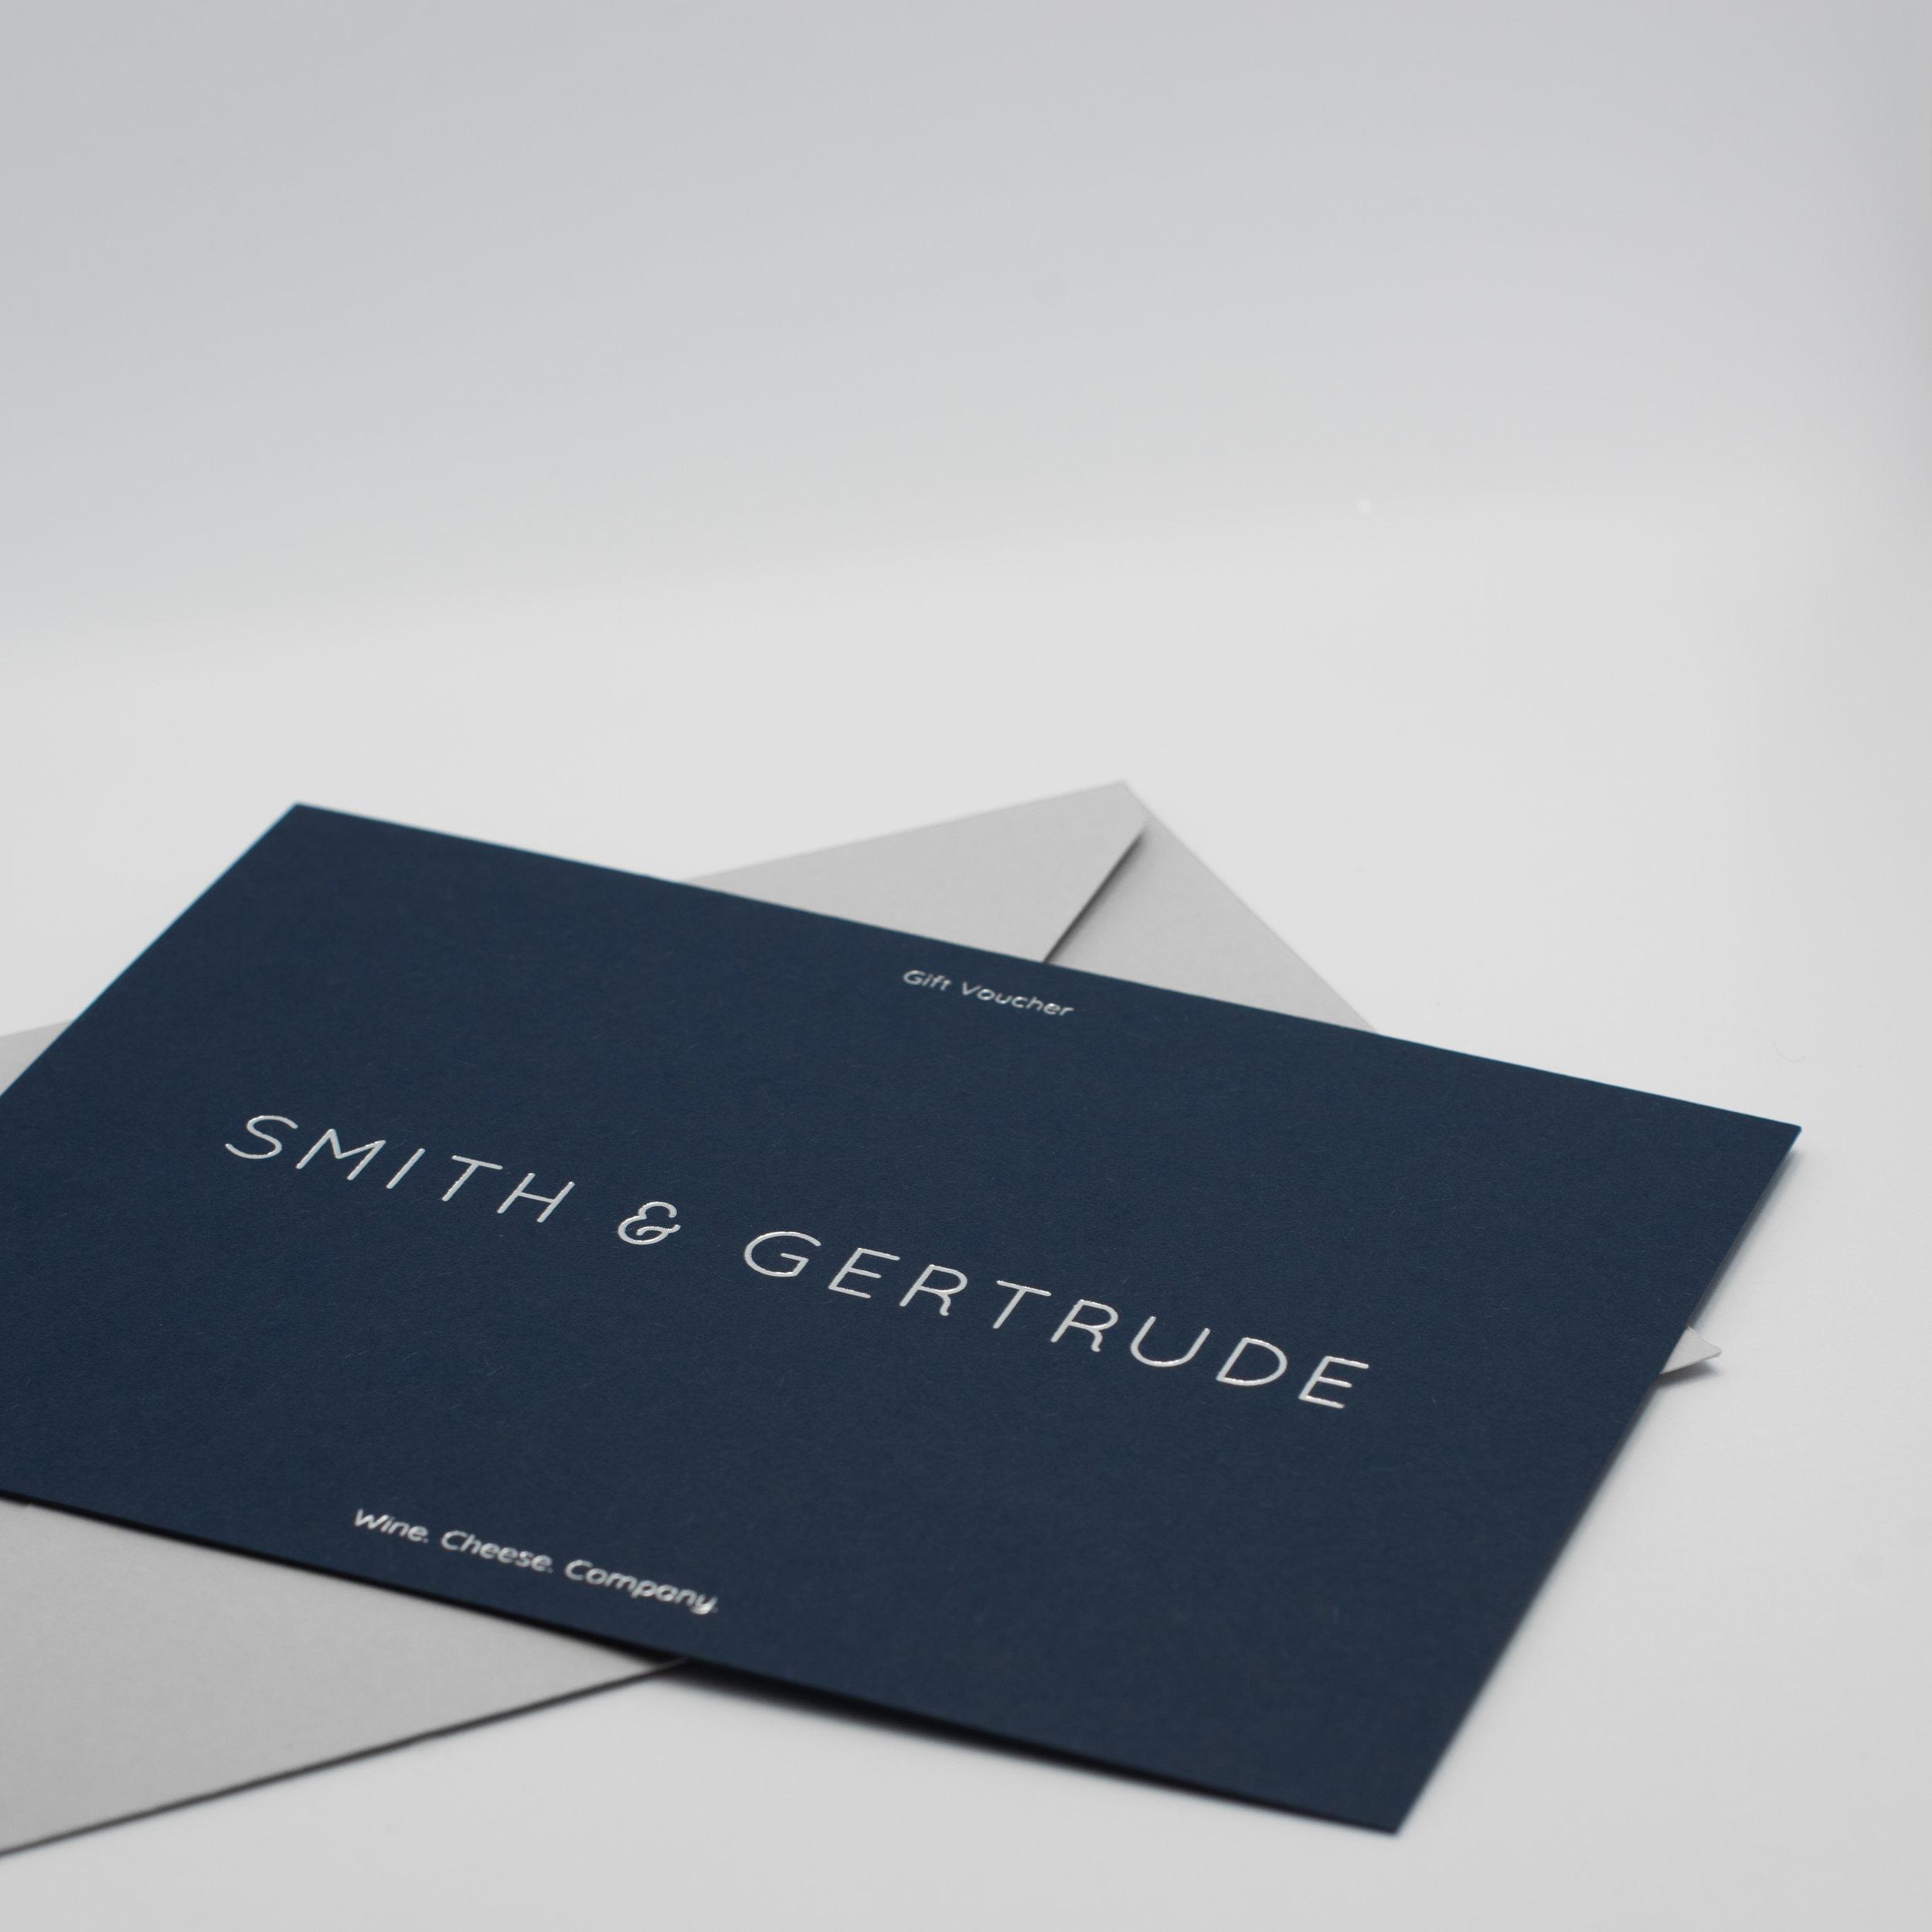 Ref-0088-Smith&Gertrude-GiftVouchers-3.jpg